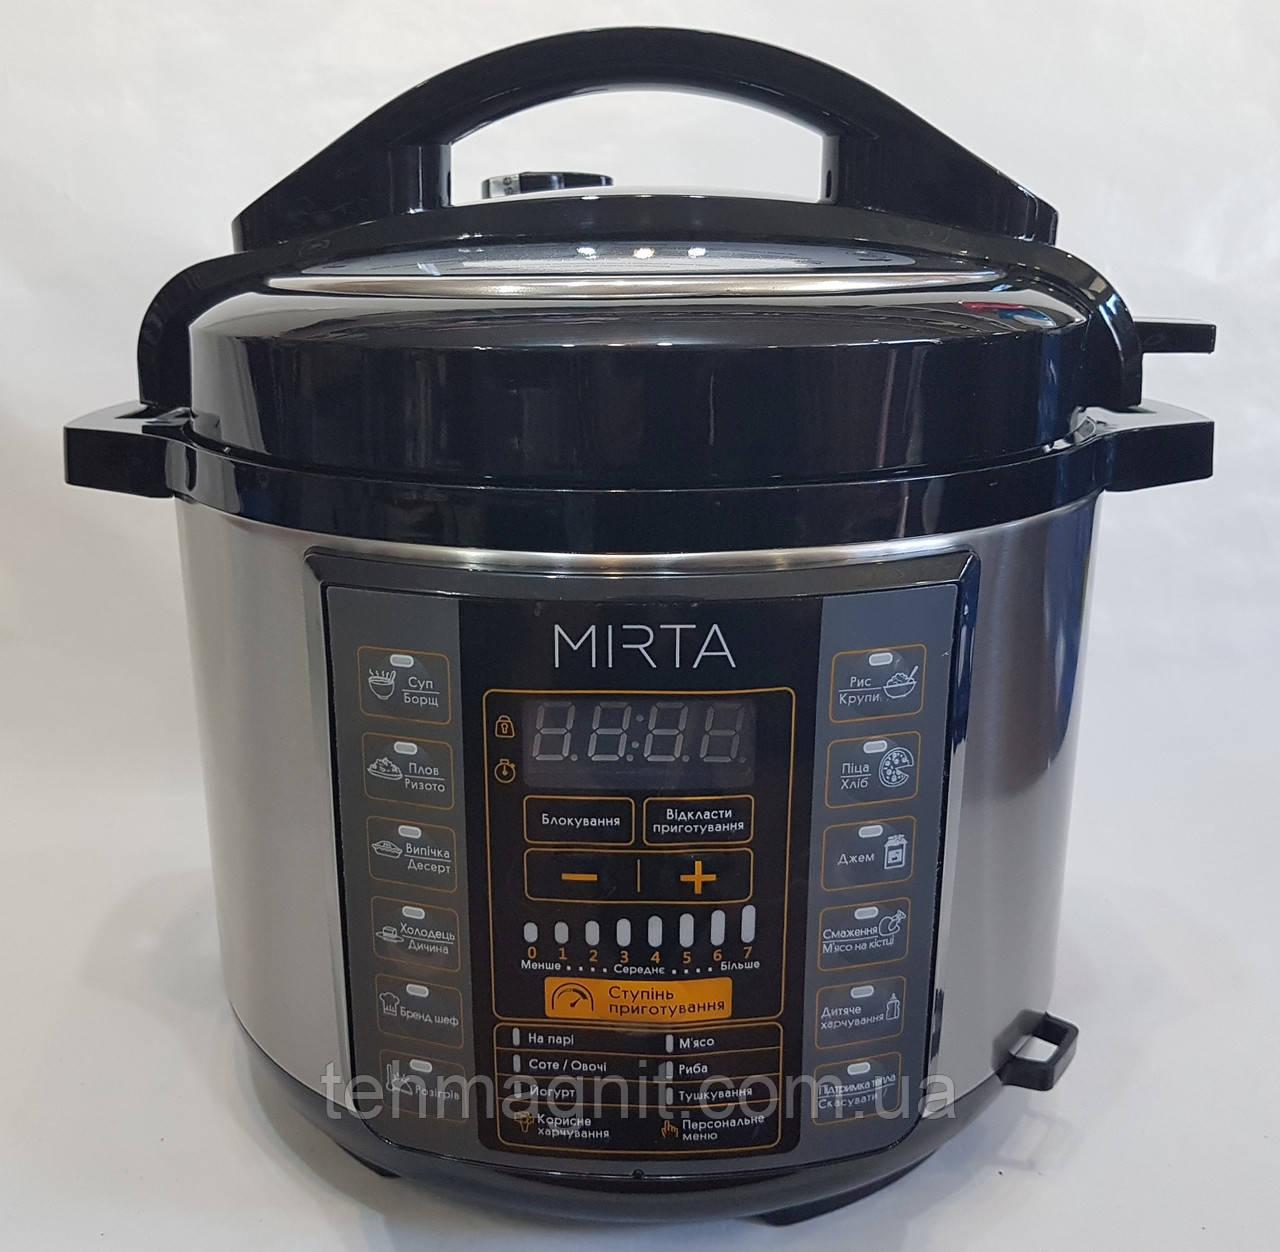 Мультиварка скороварка Mirta MC-2251